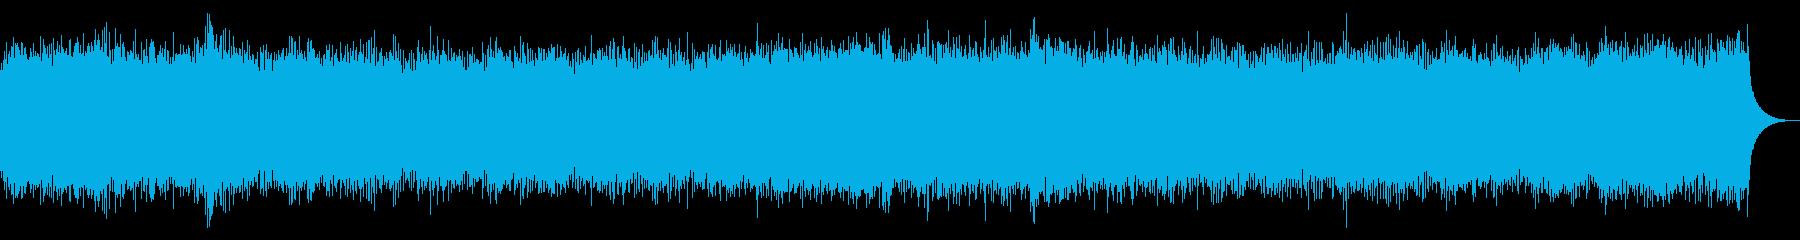 水中を漂うようなフィーリングミュージックの再生済みの波形